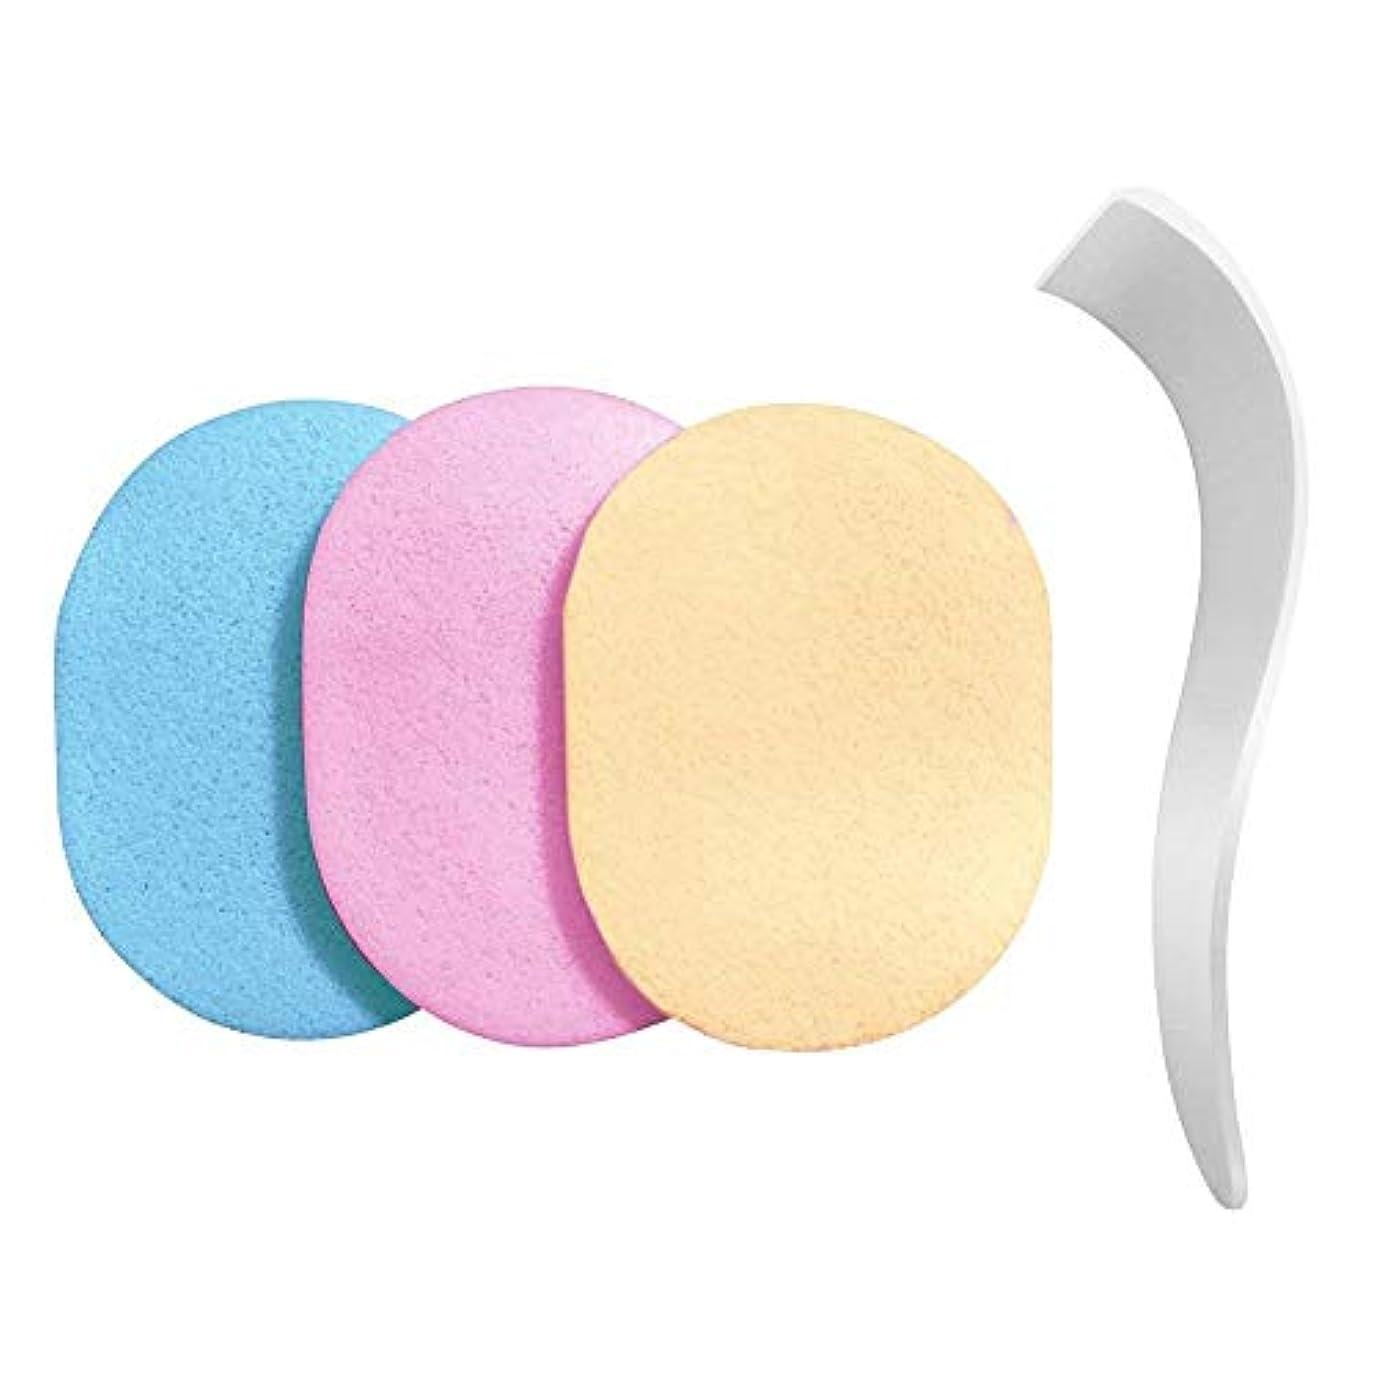 バクテリア書く儀式脱毛 専用ヘラ スポンジ 洗って使える 除毛クリーム専用 メンズ レディース 3色セット【除毛用】